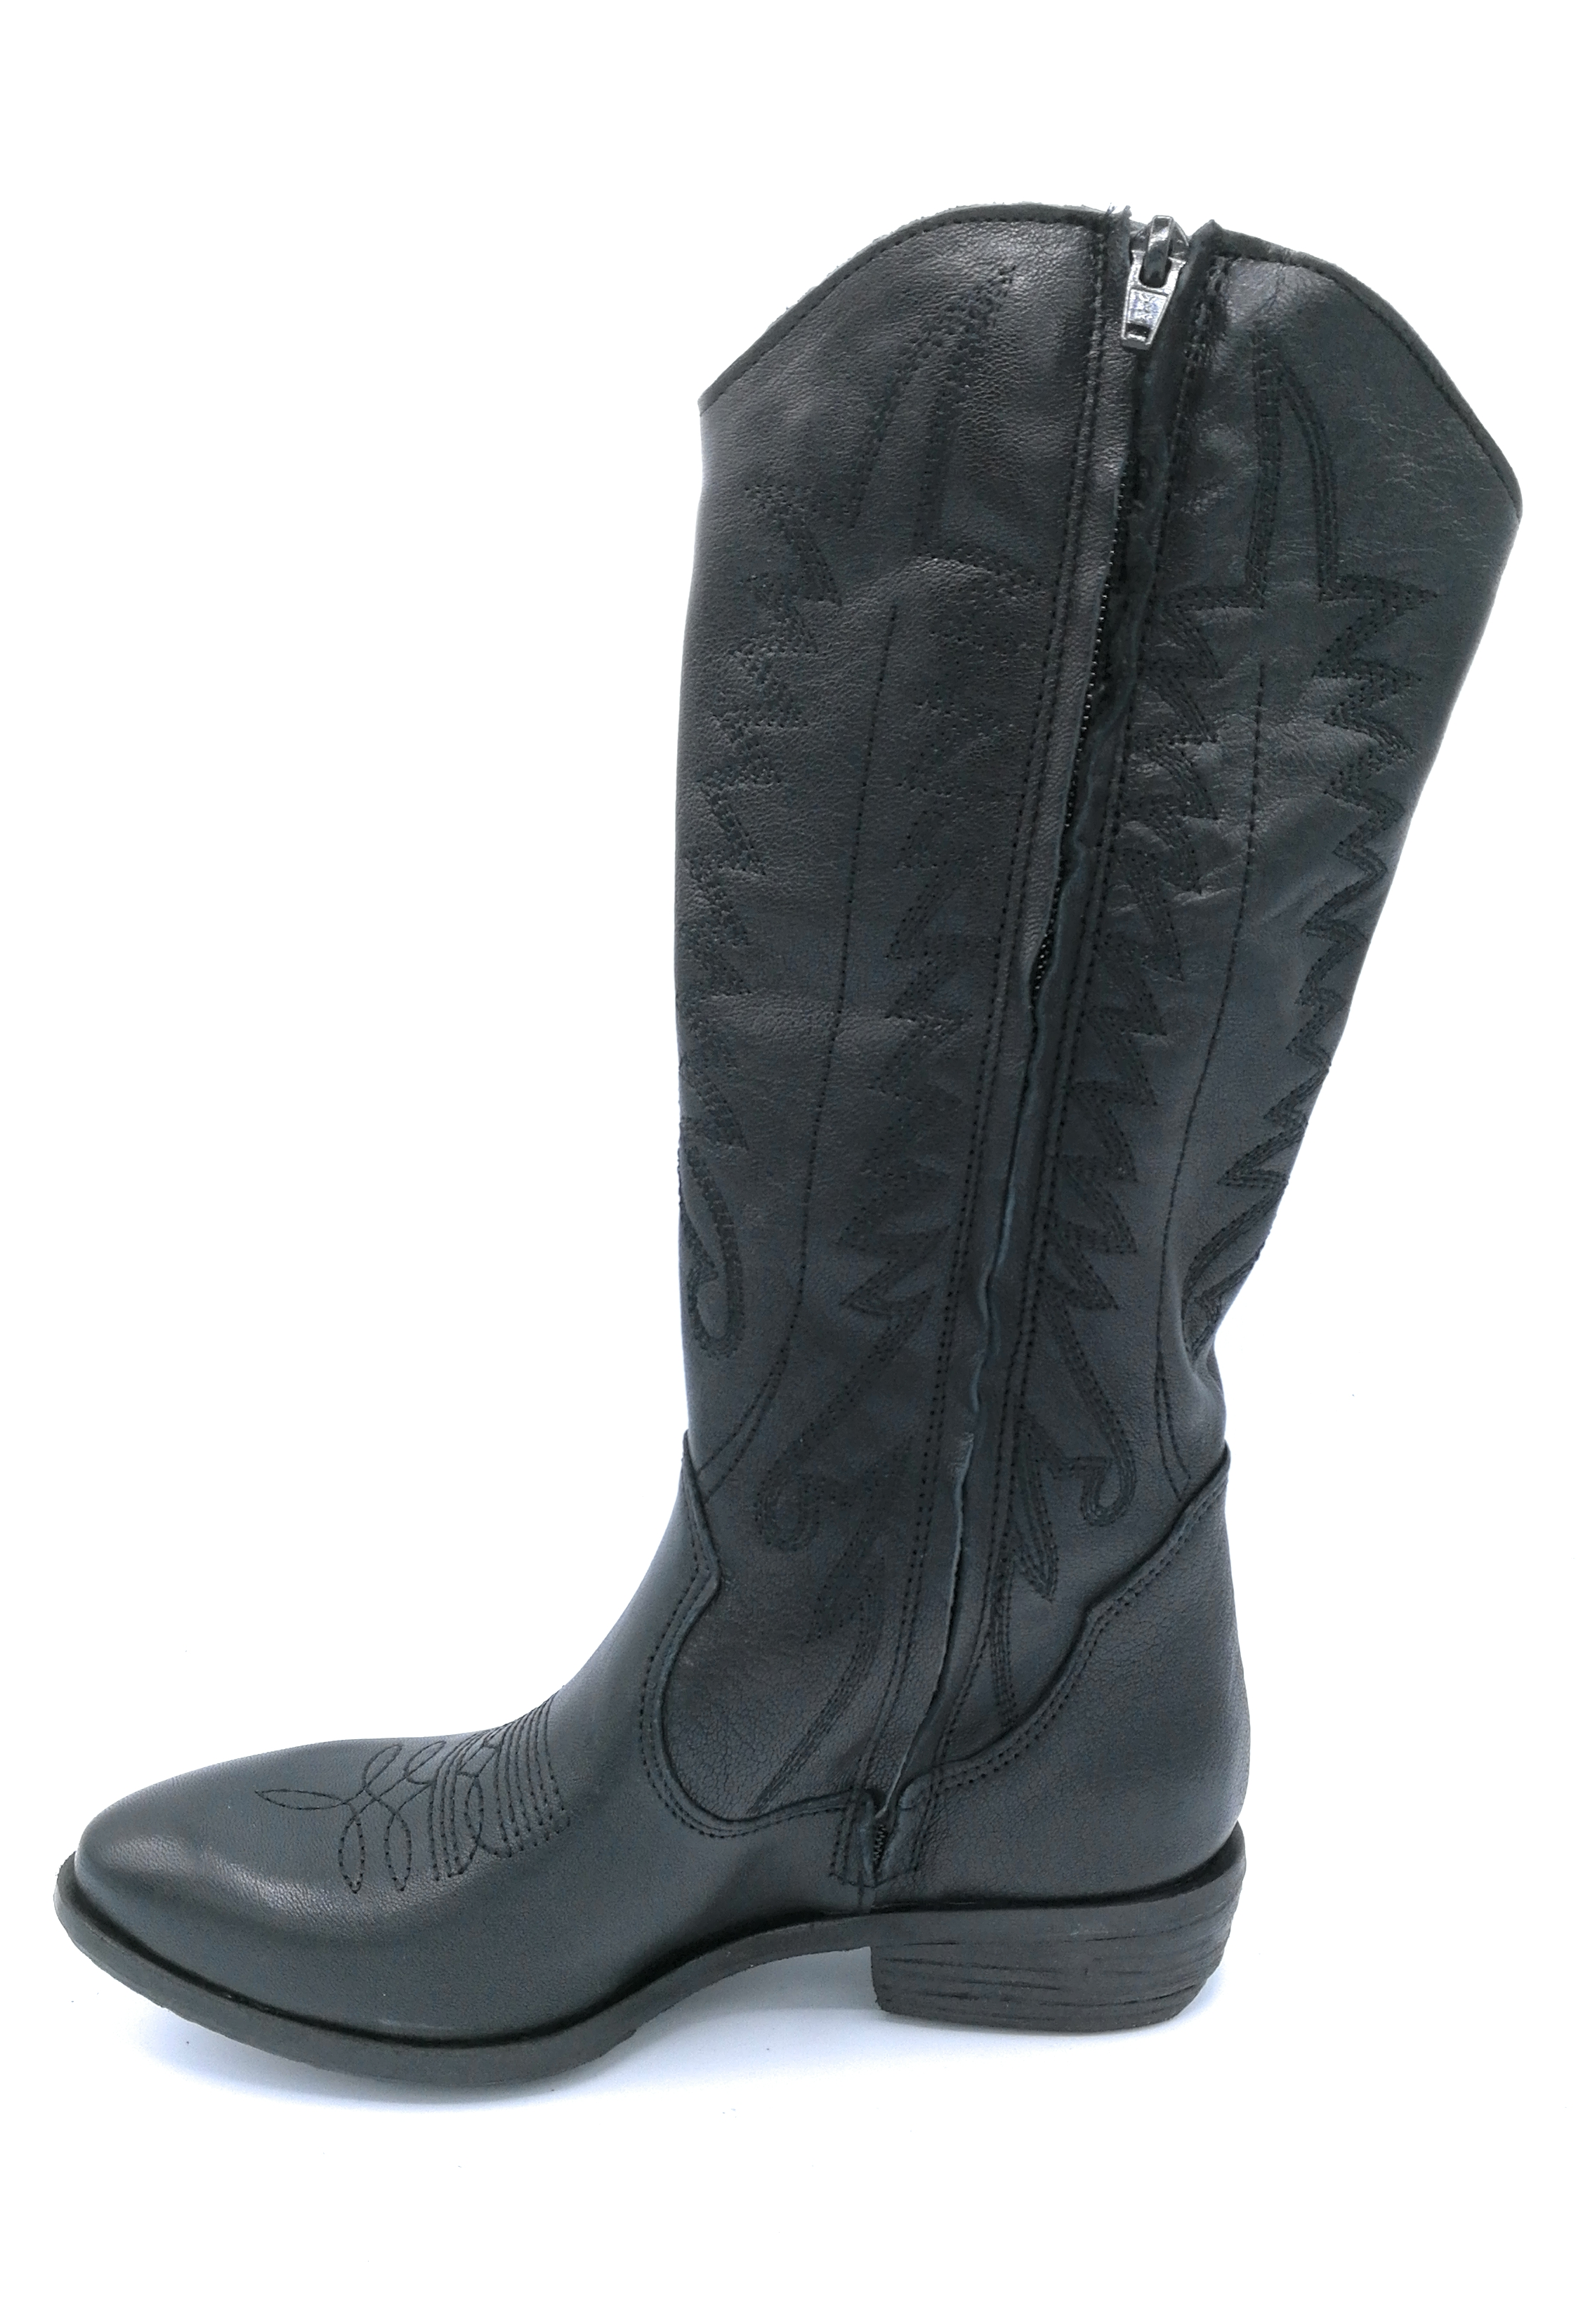 Ovye MS 77R Stiefel schwarzes schwarzes schwarzes Leder Stickerei und Reißverschluss 8ae0cb